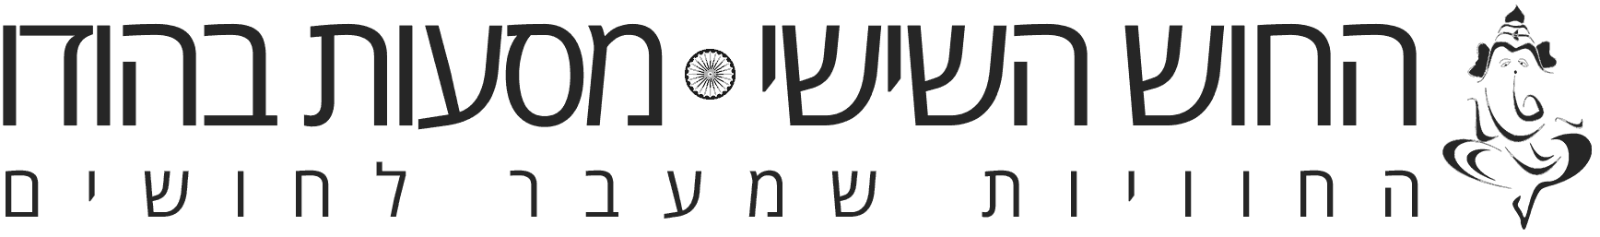 LogoIndiaN